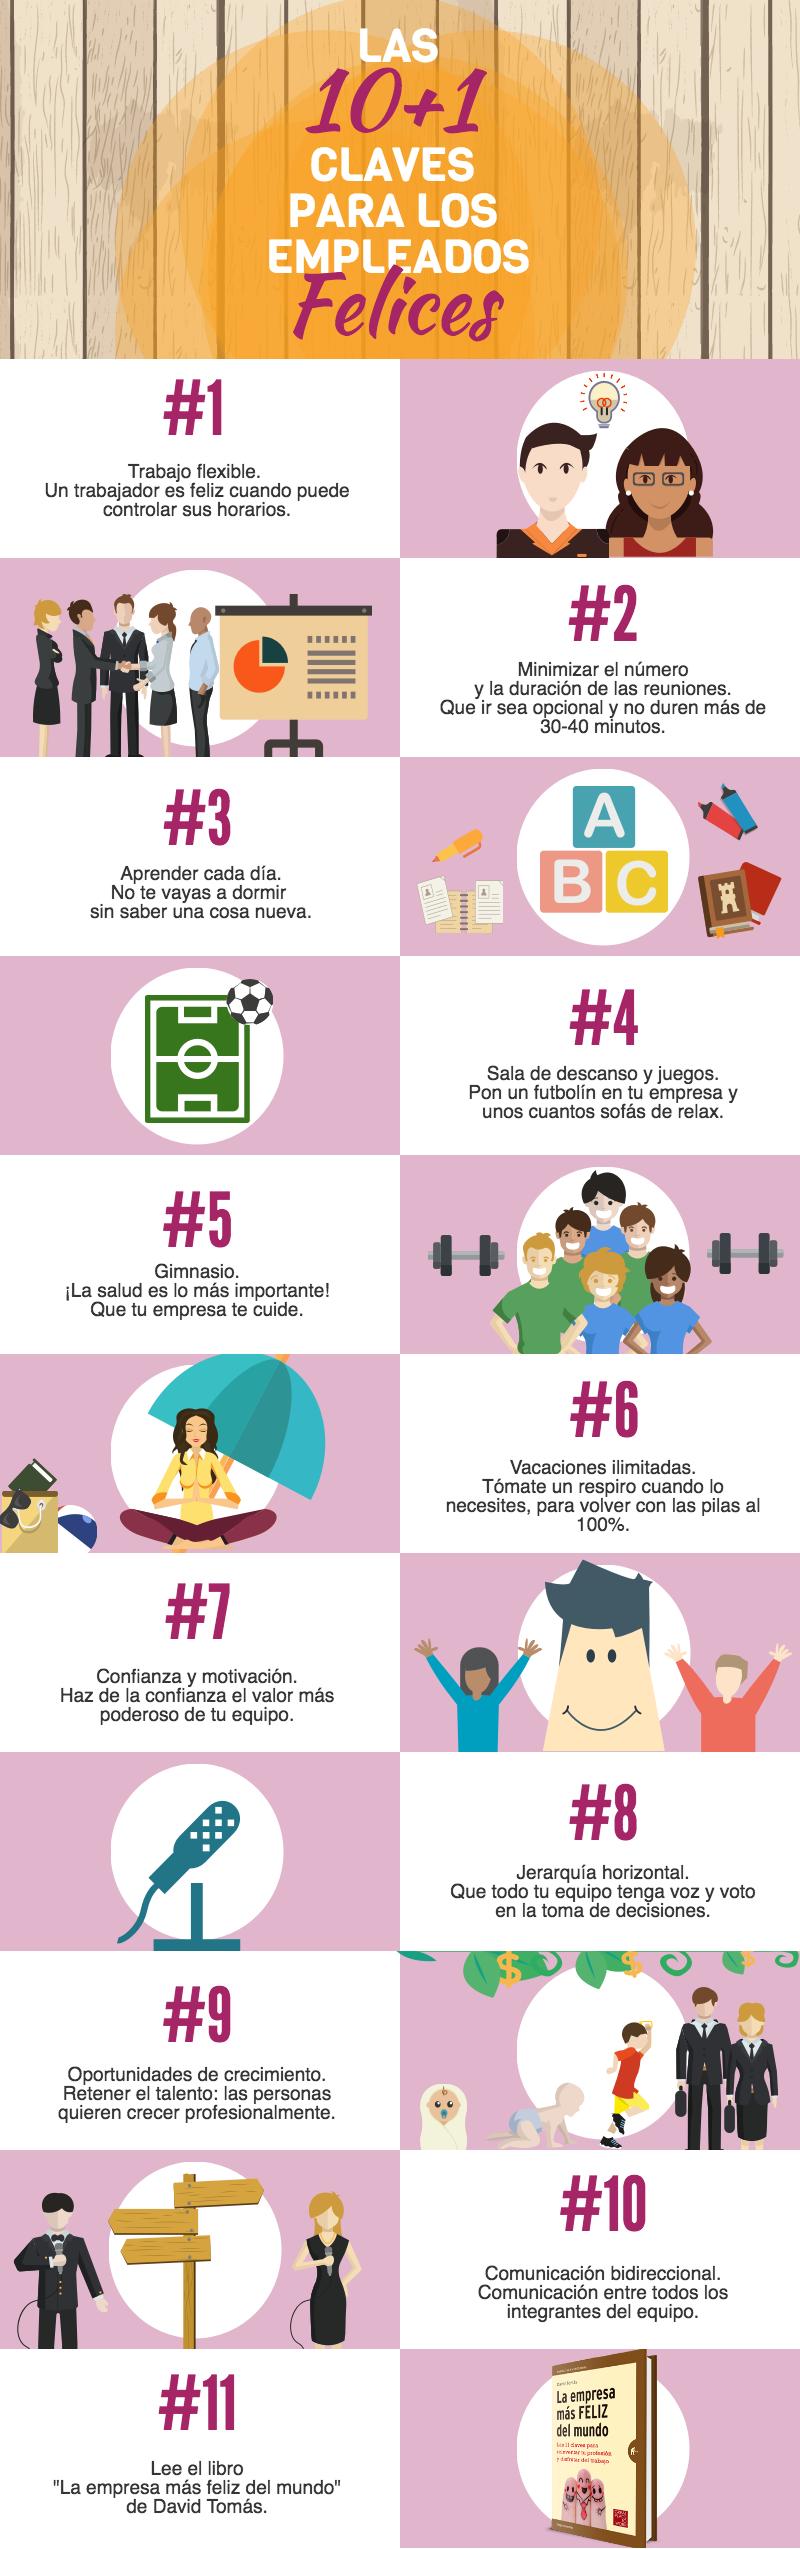 Las 10+1 claves para los empleados felices